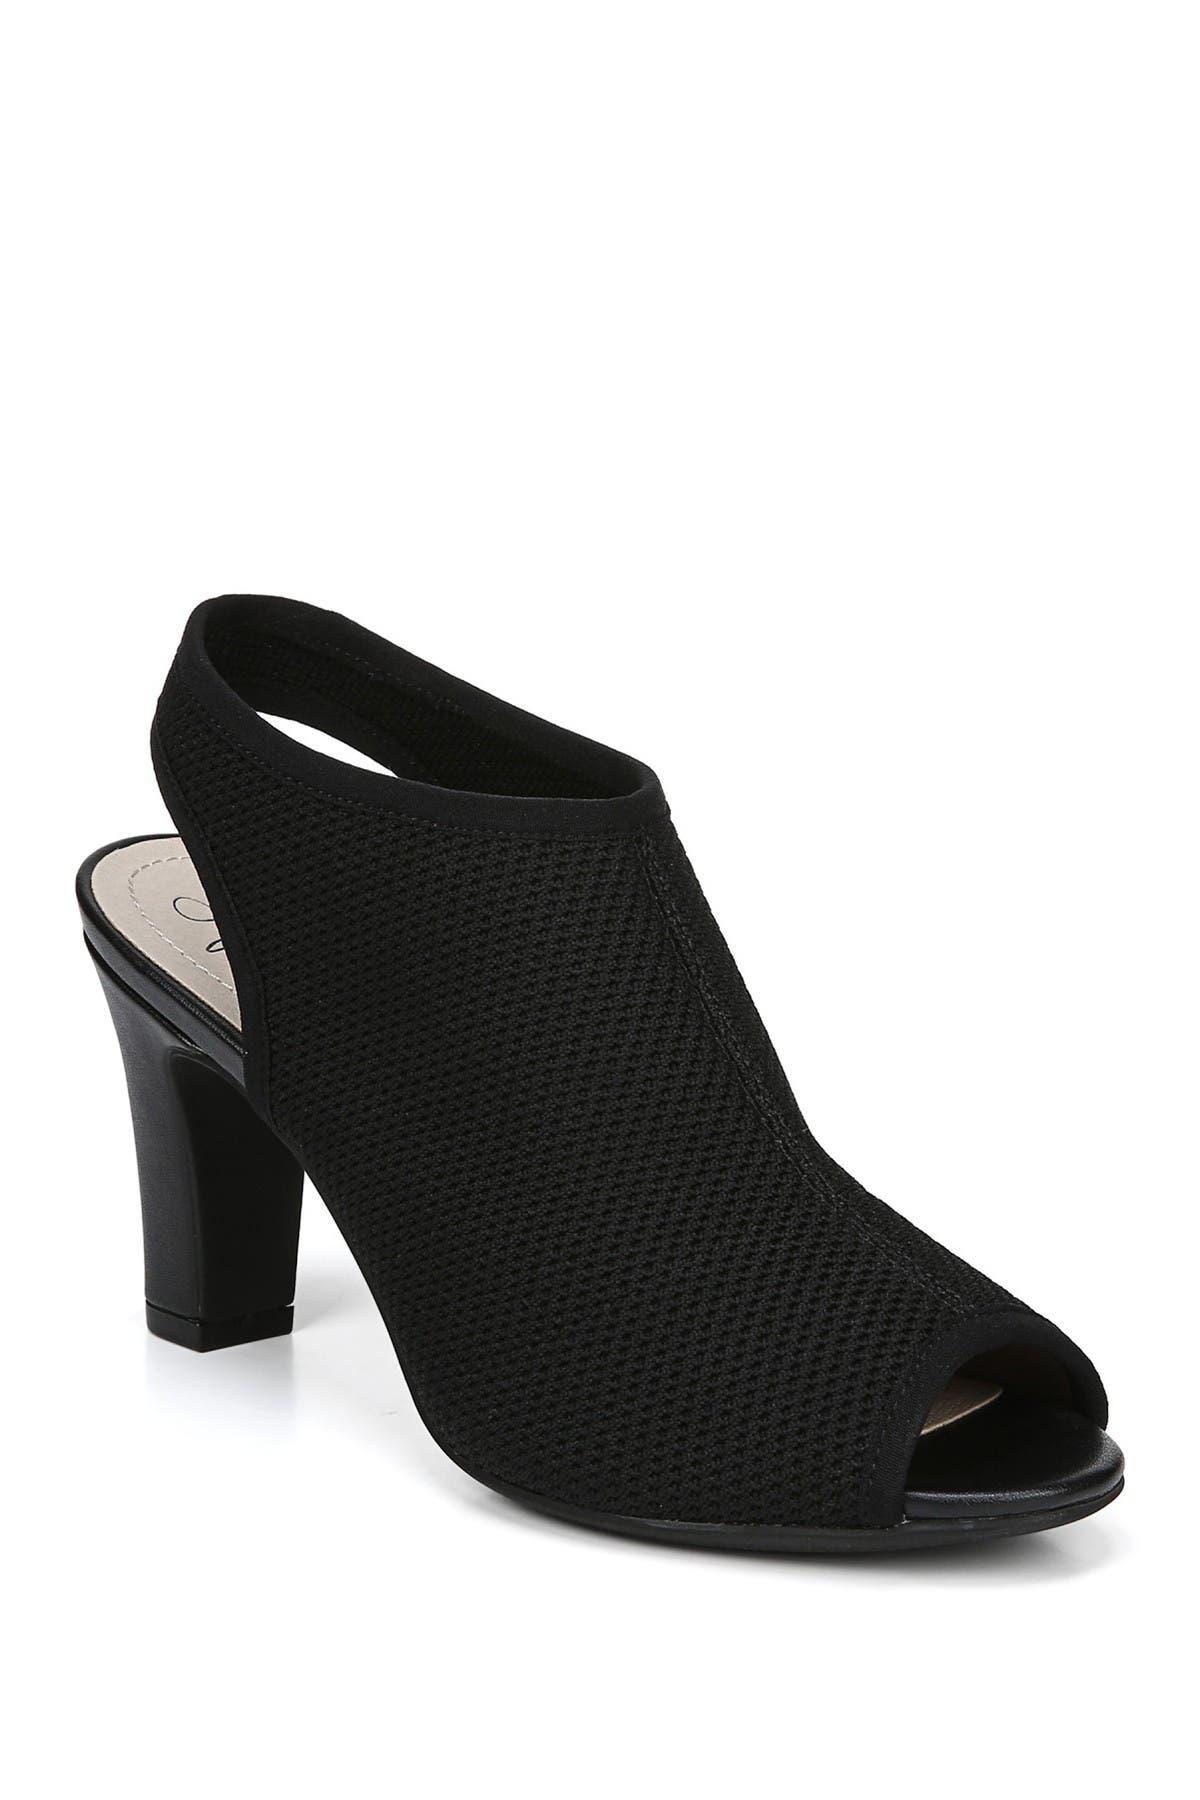 lifestride open toe shoes